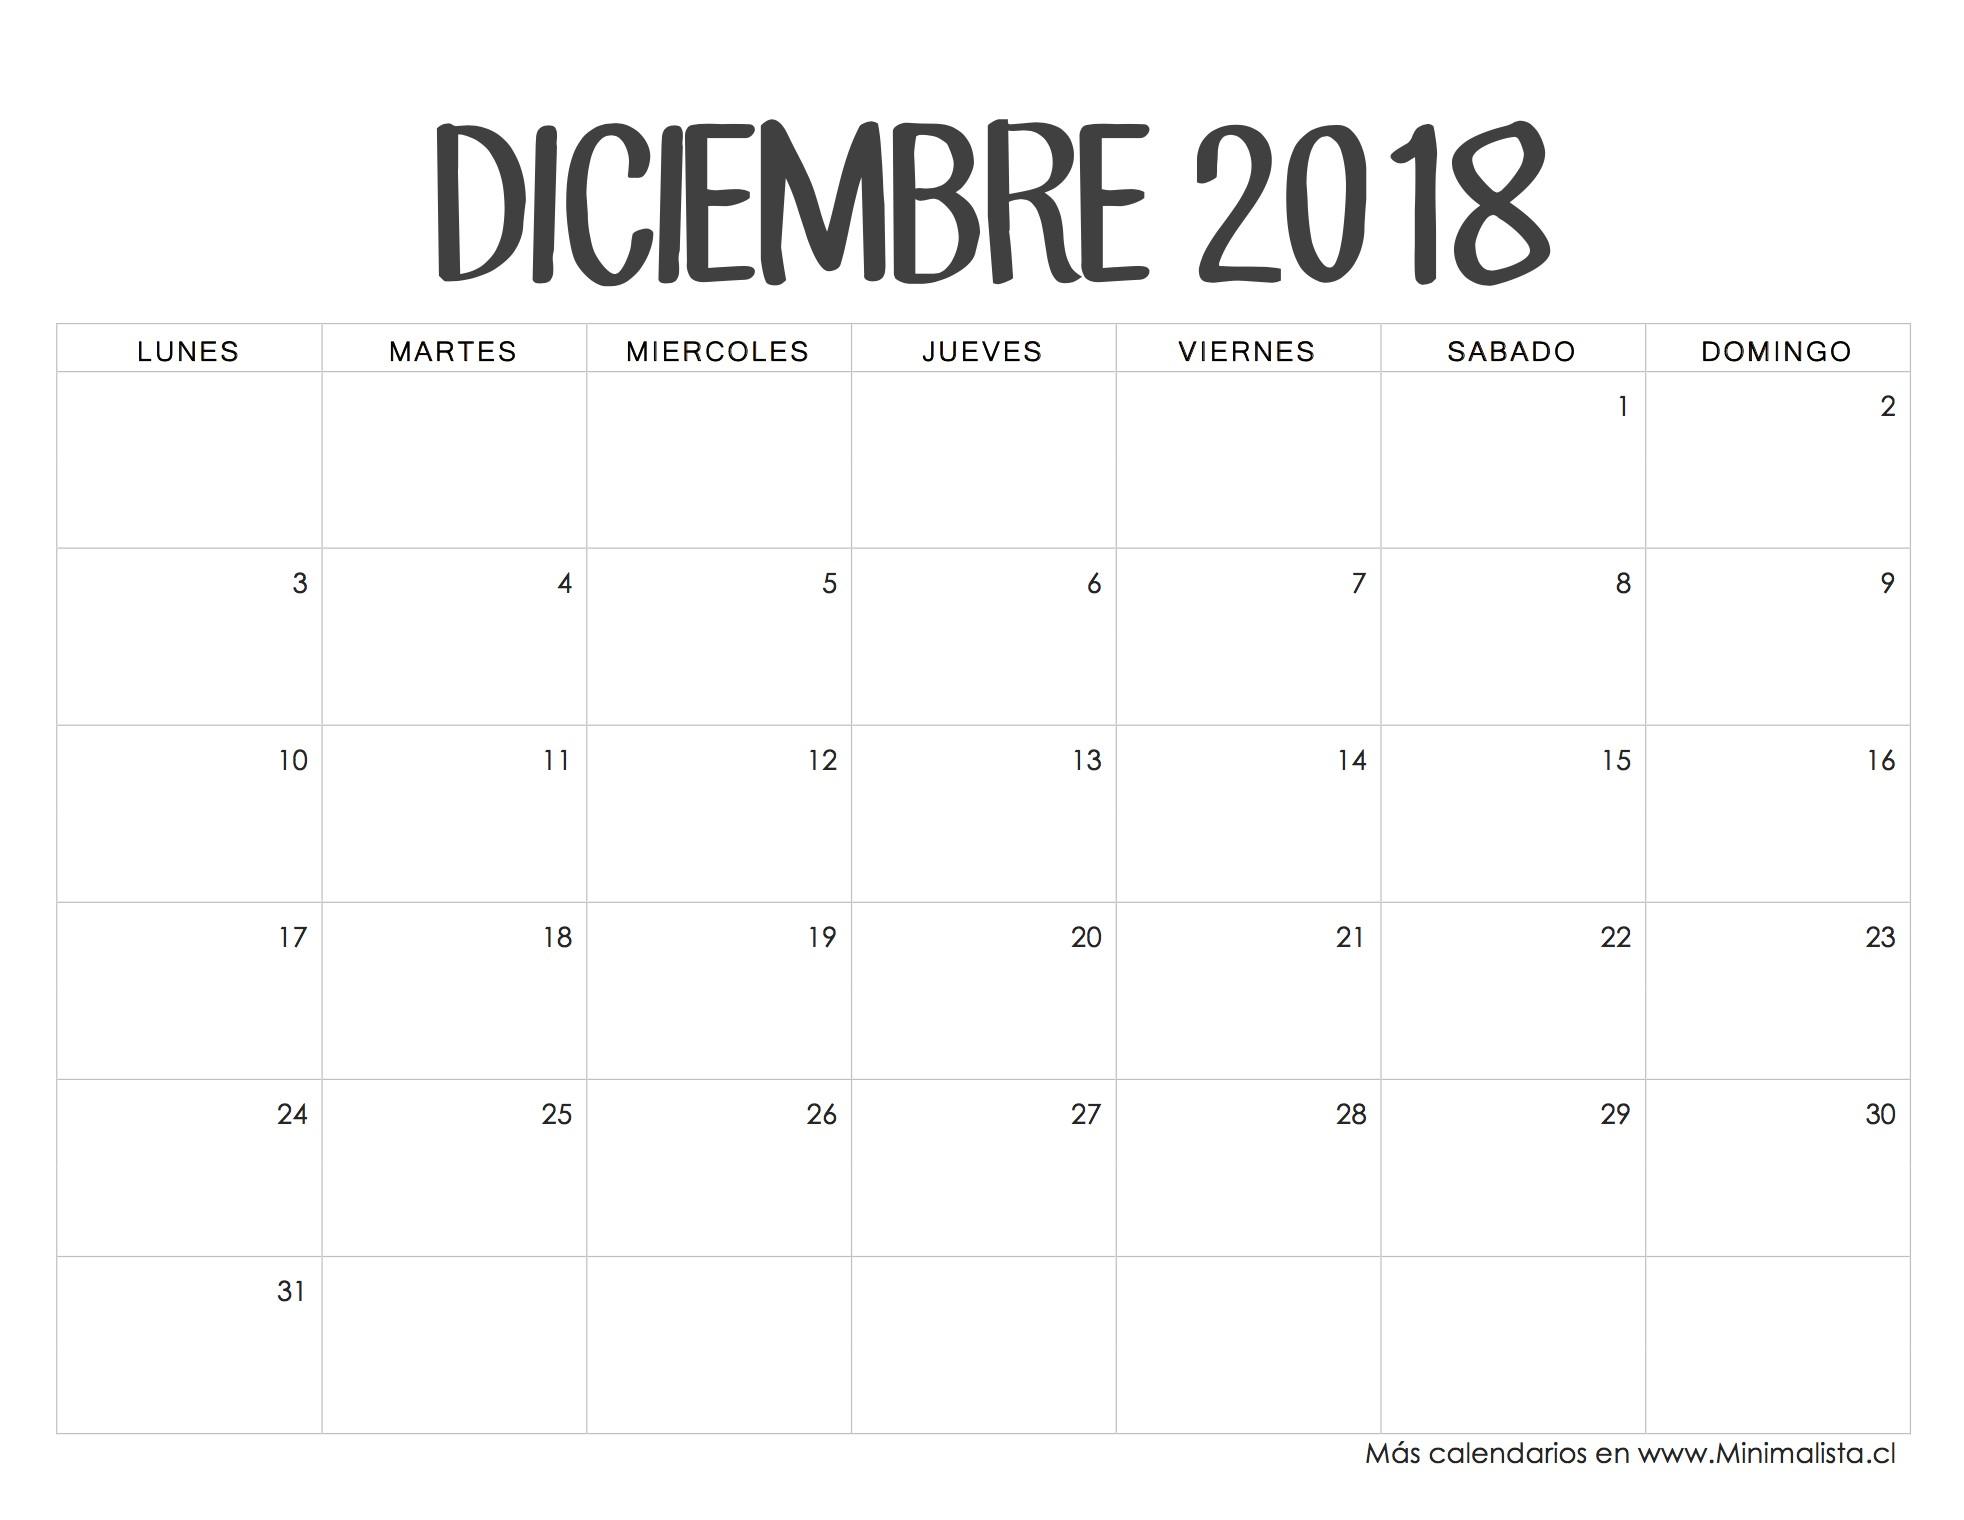 Calendario 2019 Con Festivos Madrid Más Arriba-a-fecha Calendario Diciembre 2018 Bullet Joanar Pinterest Of Calendario 2019 Con Festivos Madrid Más Populares Greatest Calendario Colombia Con Festivos 2017 Qc75 – Documentaries